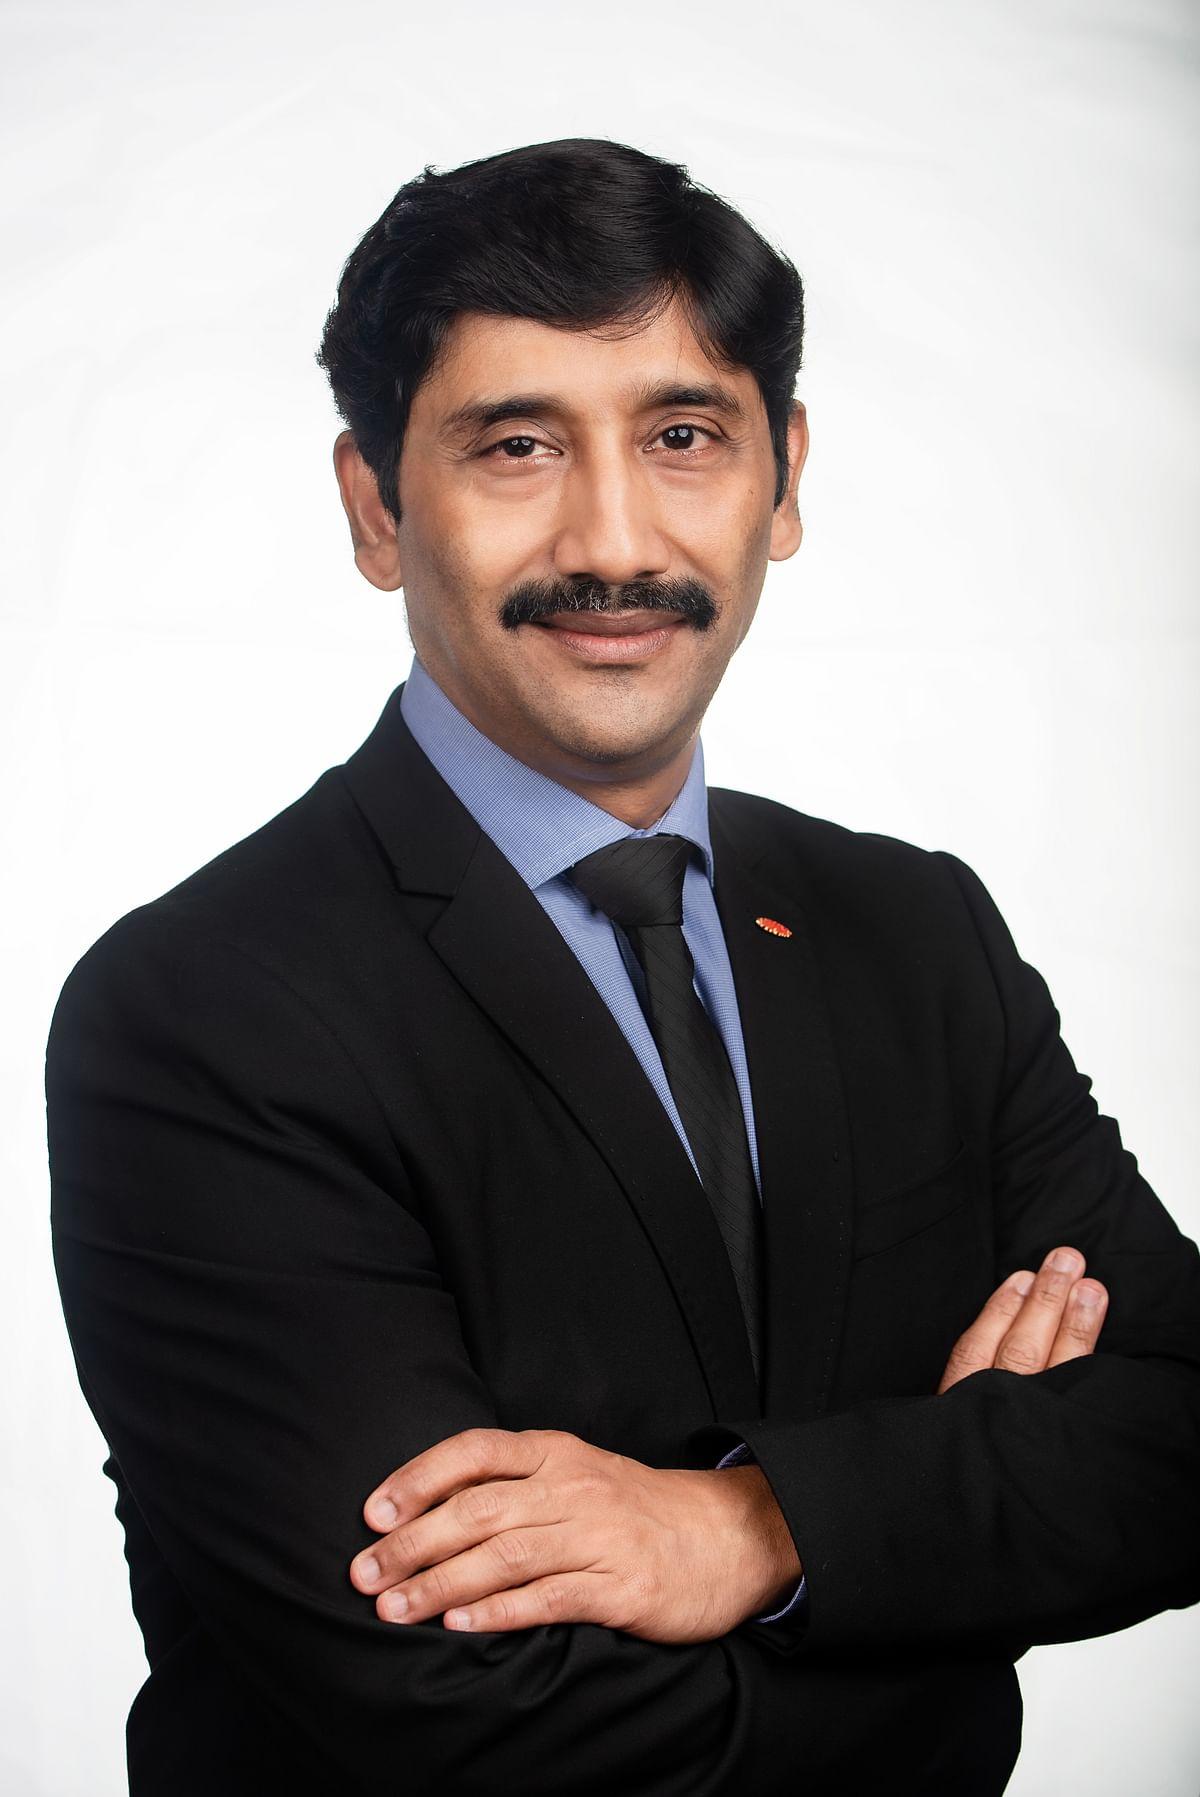 Chrys Fernandes